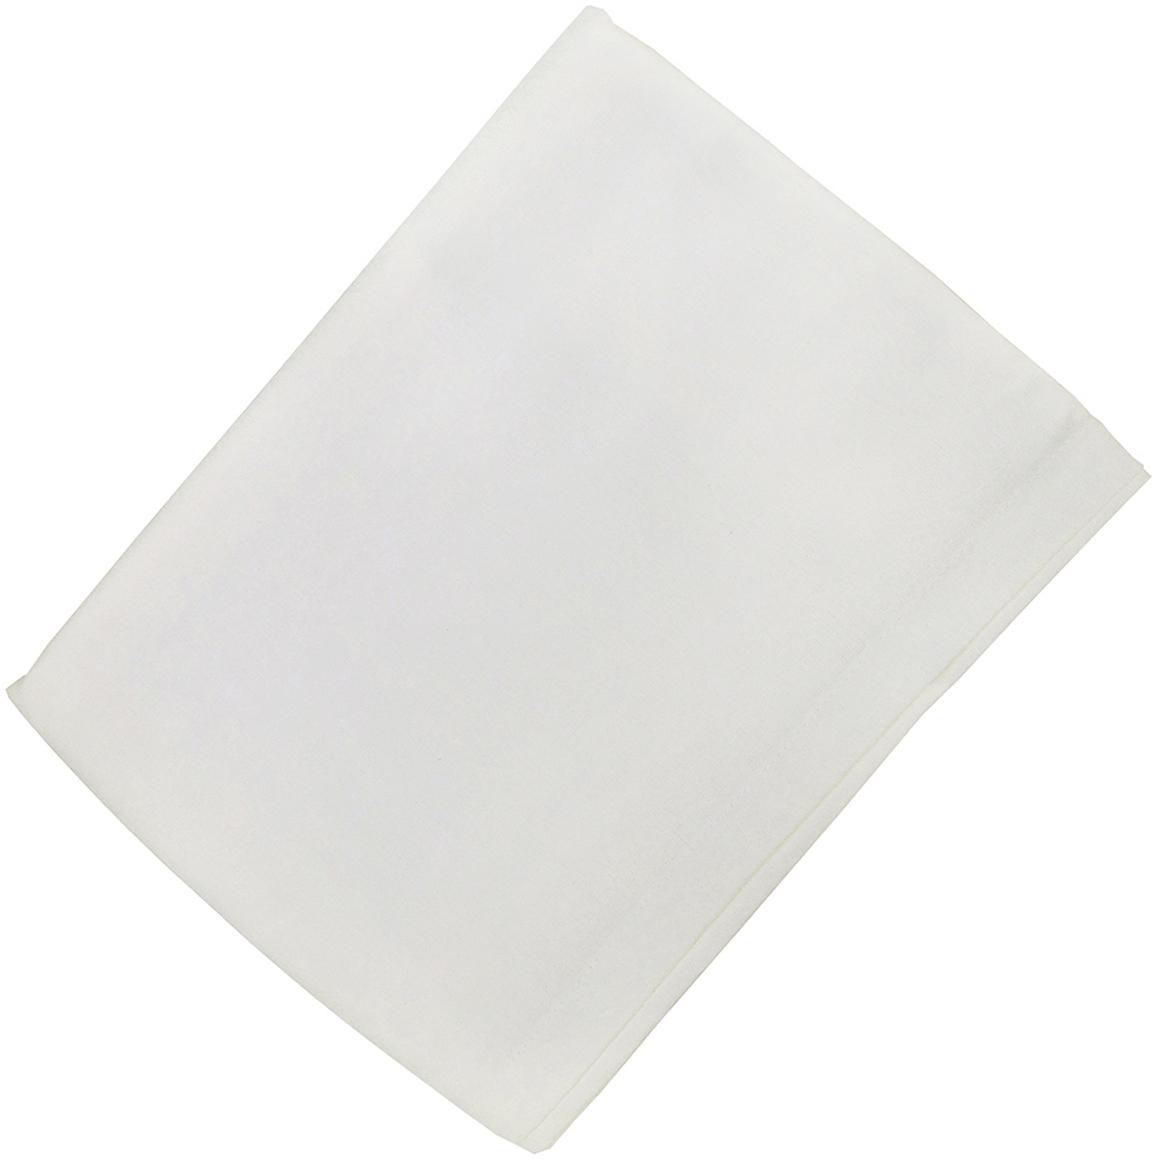 Скатерть Arloni, квадратная, 150 х 150 см. 8044ARL8044ARLОднотонная скатерть из новой коллекции Arloni изготовлена из натуральной плотной испанской ткани (100% хлопок). Высокие экологические свойства ткани позволяют использовать изделие не только в качестве декоративного оформления, но и для сервировки обеденного стола. Скатерть хорошо сочетается с другими элементами кухонного текстиля и имеет универсальный размер. Красиво смотрится как на круглом, овальном, так и на прямоугольном столе.